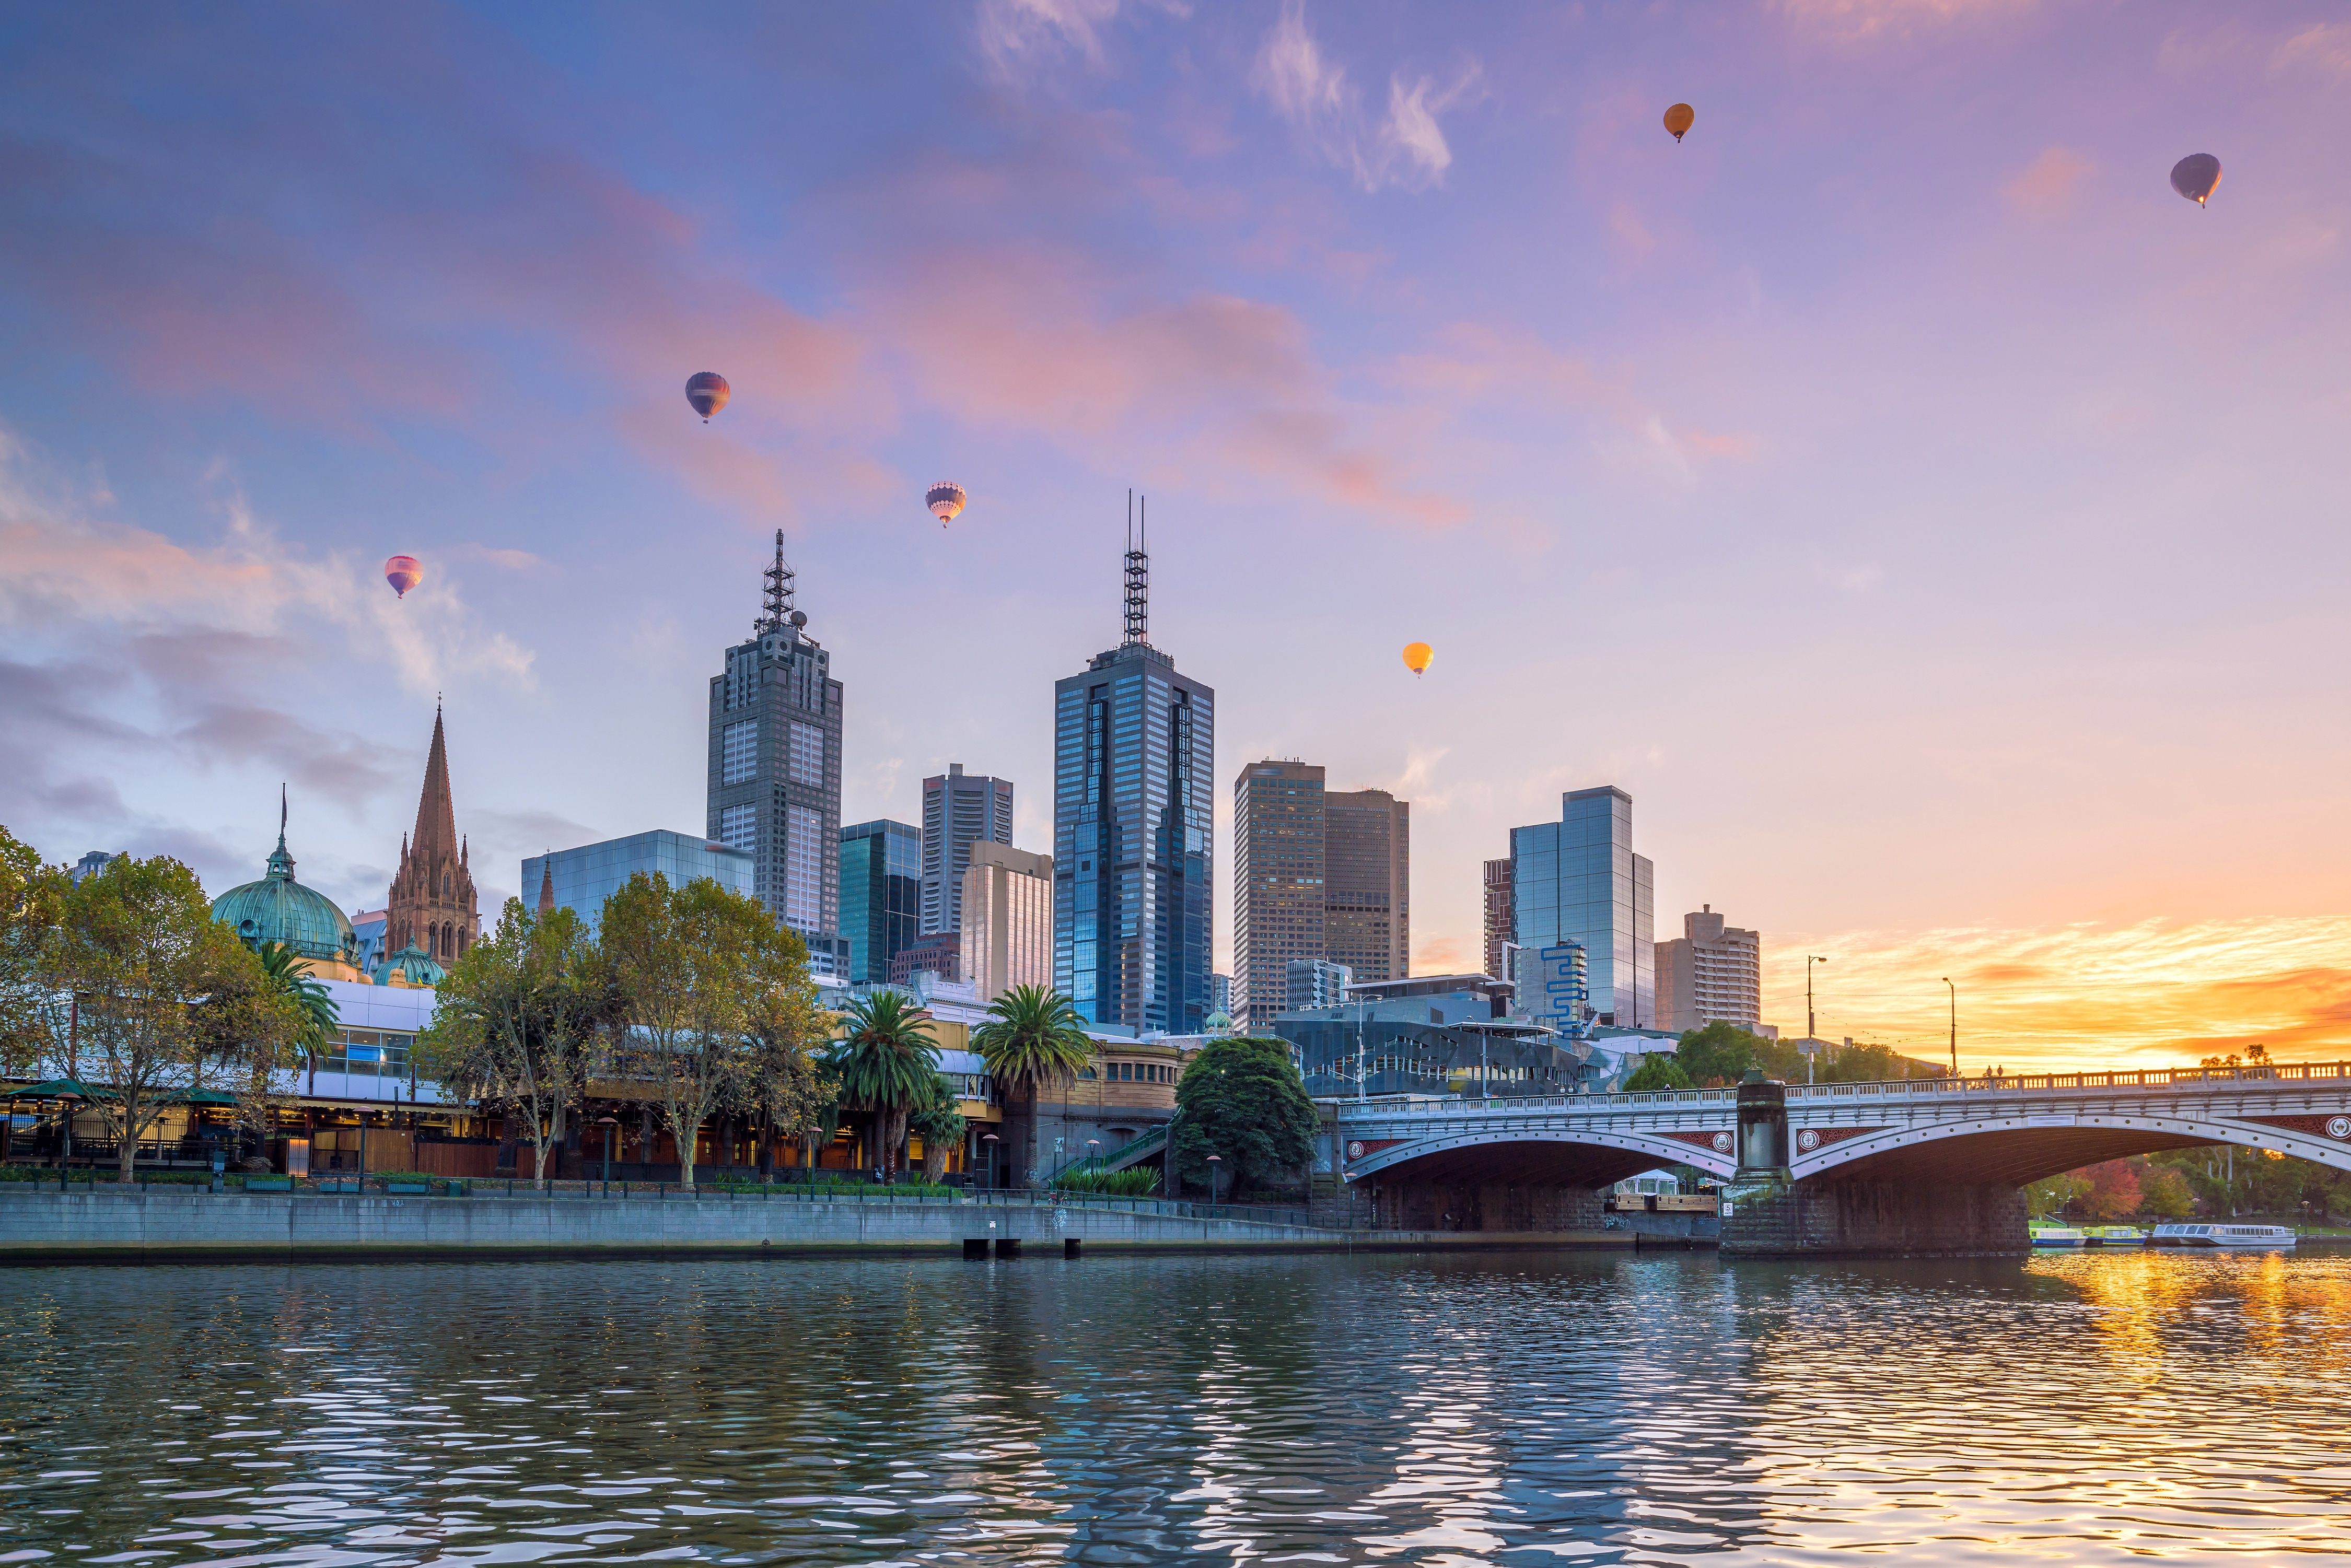 【澳洲自由行】玩轉澳洲,盤點讓人應接不暇的景點與美食